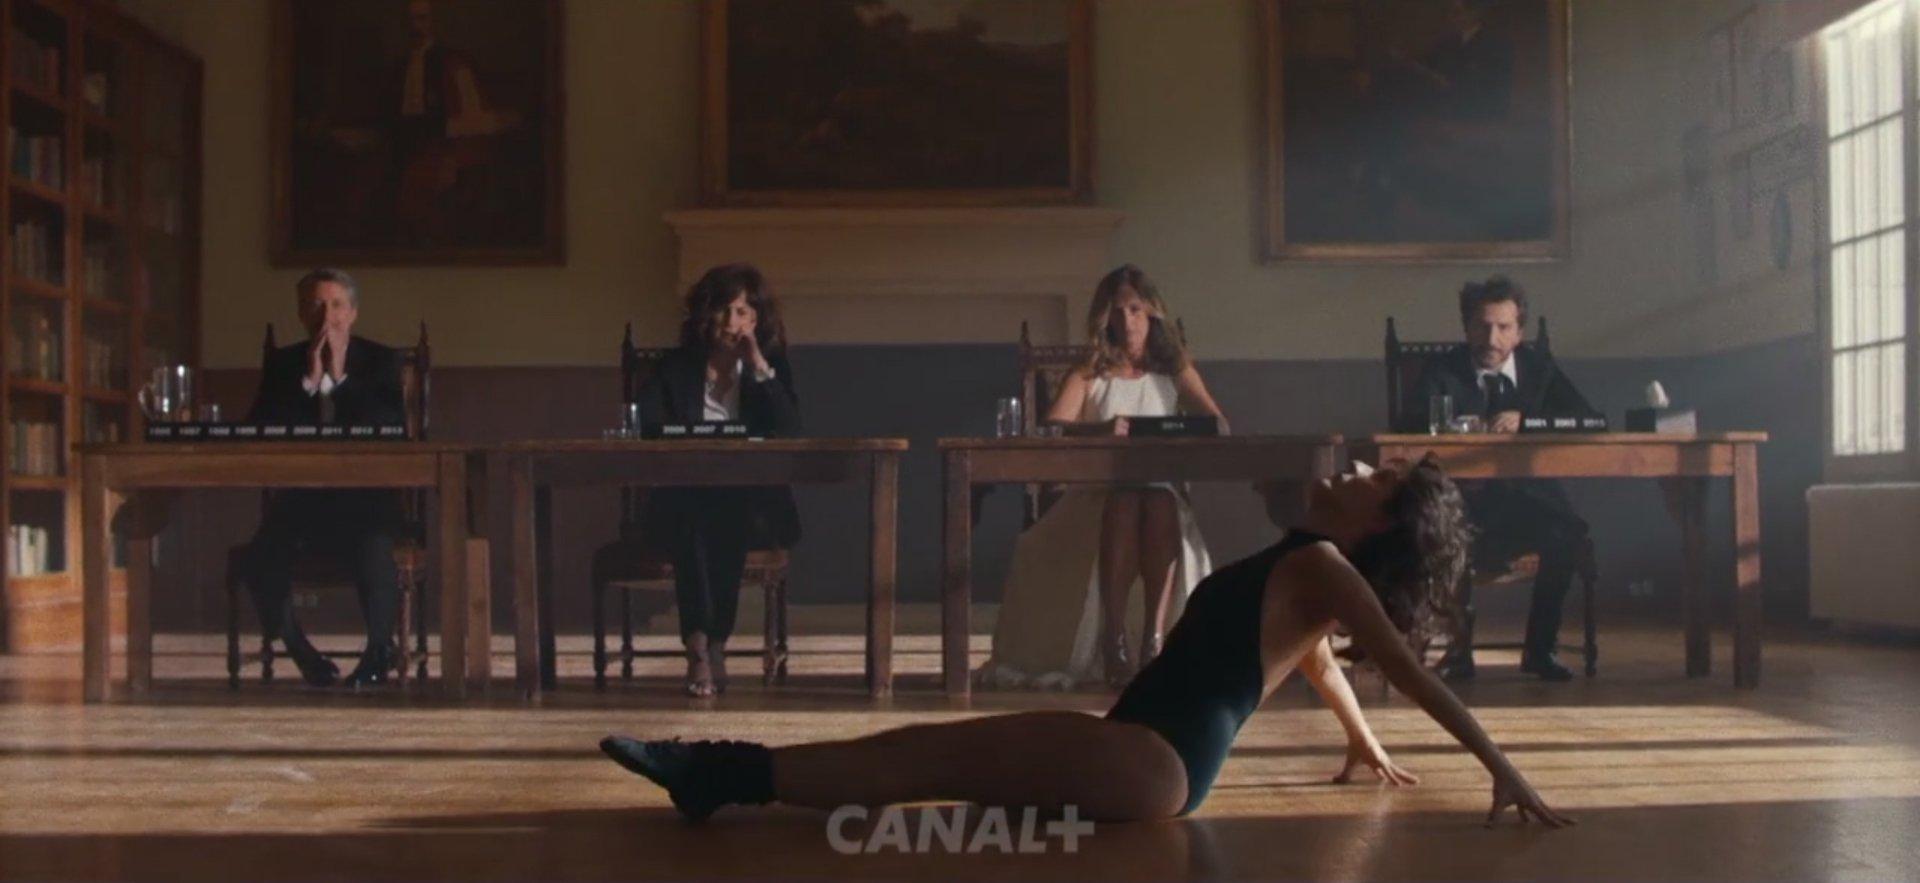 Vidéo du jour : Quand Florence Foresti revisite Flashdance